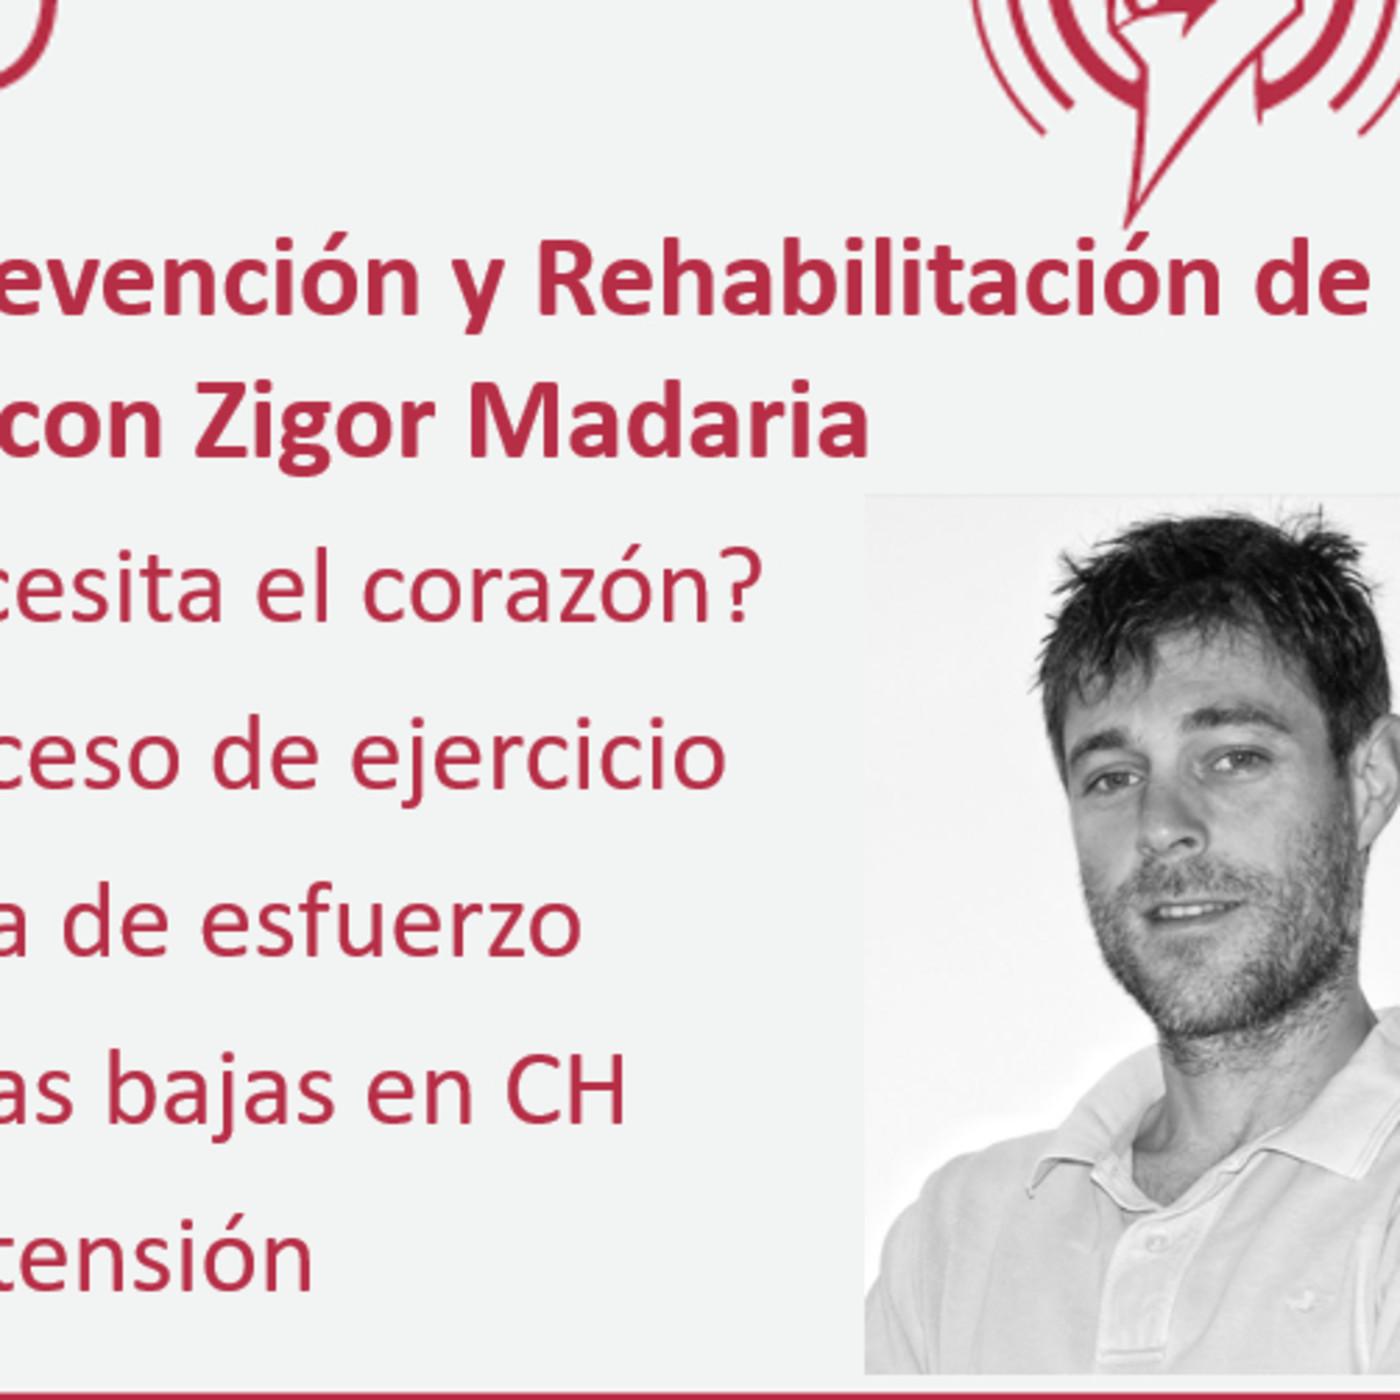 205: Actividad Física en la Prevención y Rehabilitación de la Enfermedad Cardiovascular, con Zigor Madaria